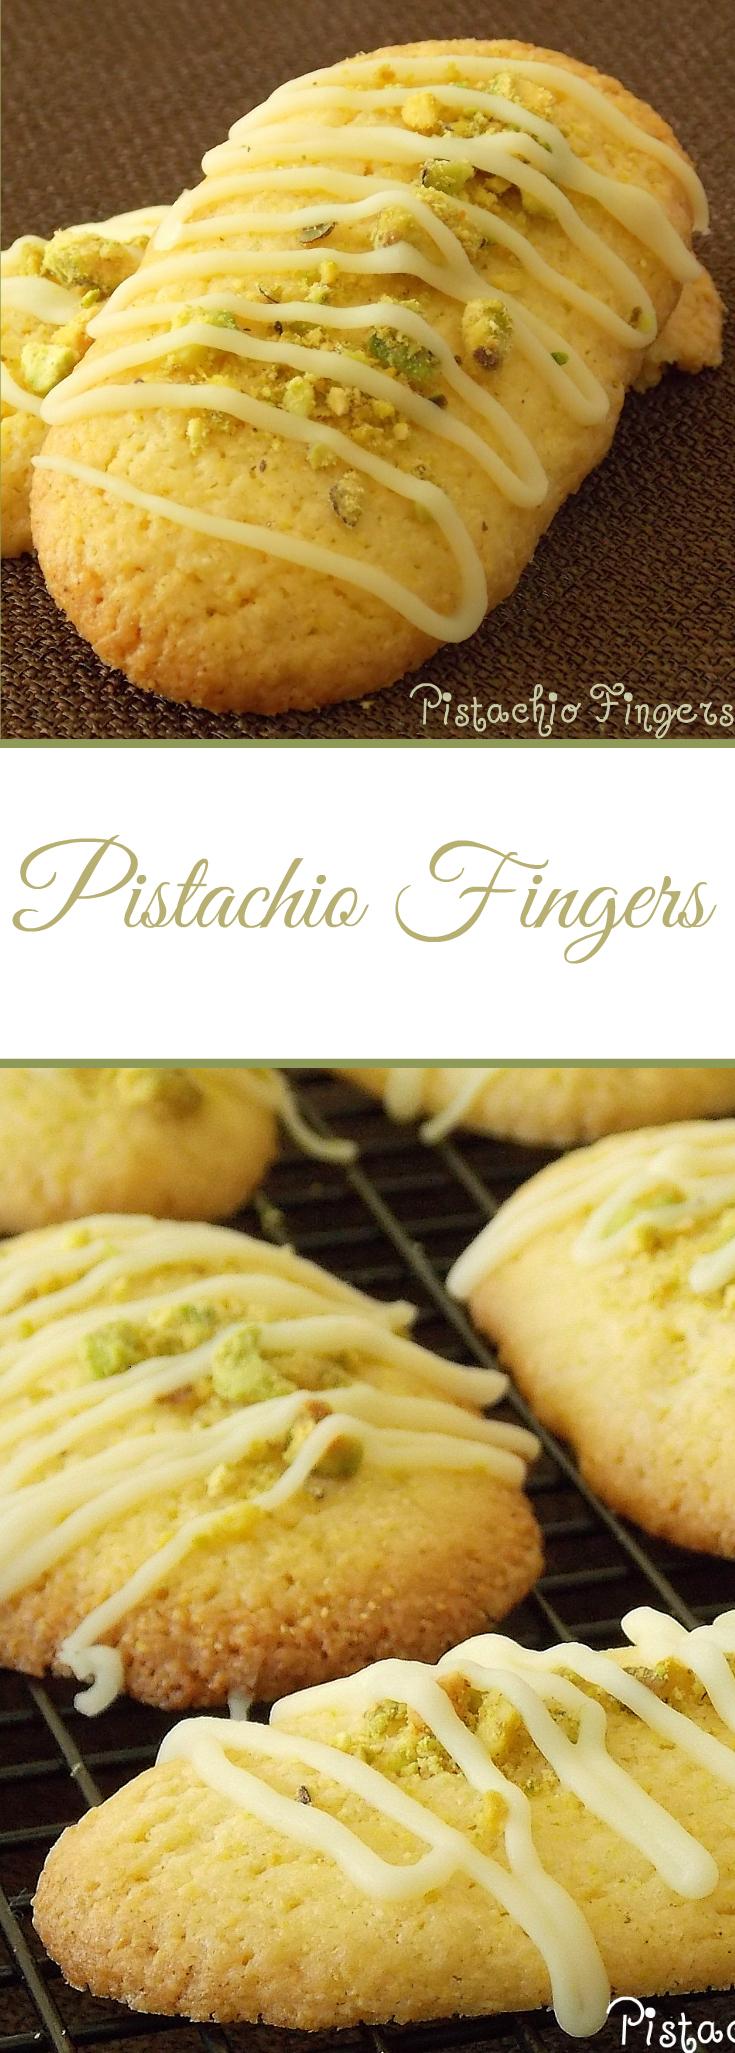 Pistachio Fingers